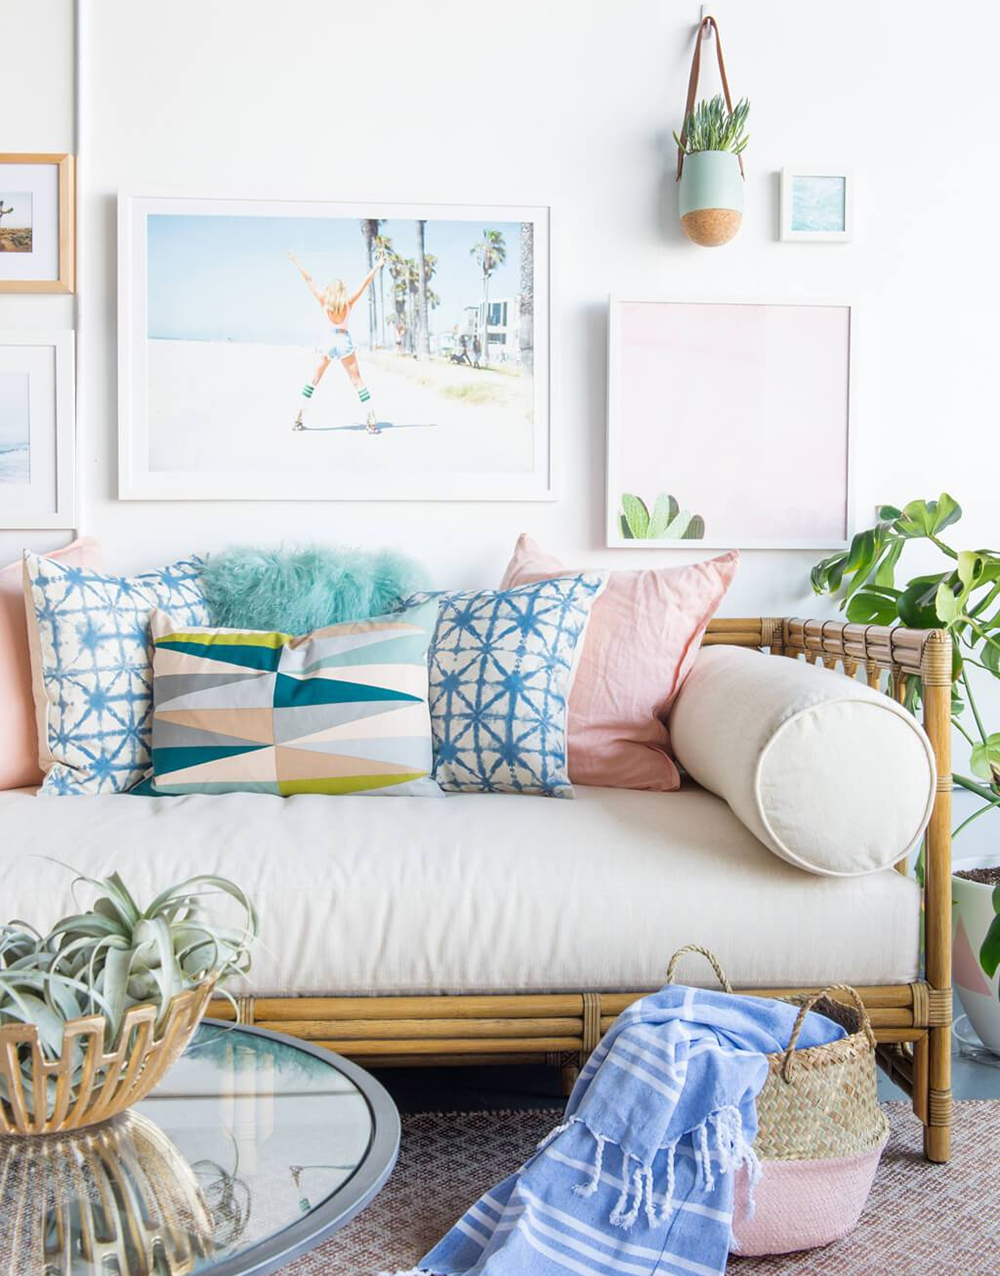 12 mẫu thiết kế phòng khách đơn giản mang phong cách thôn quê